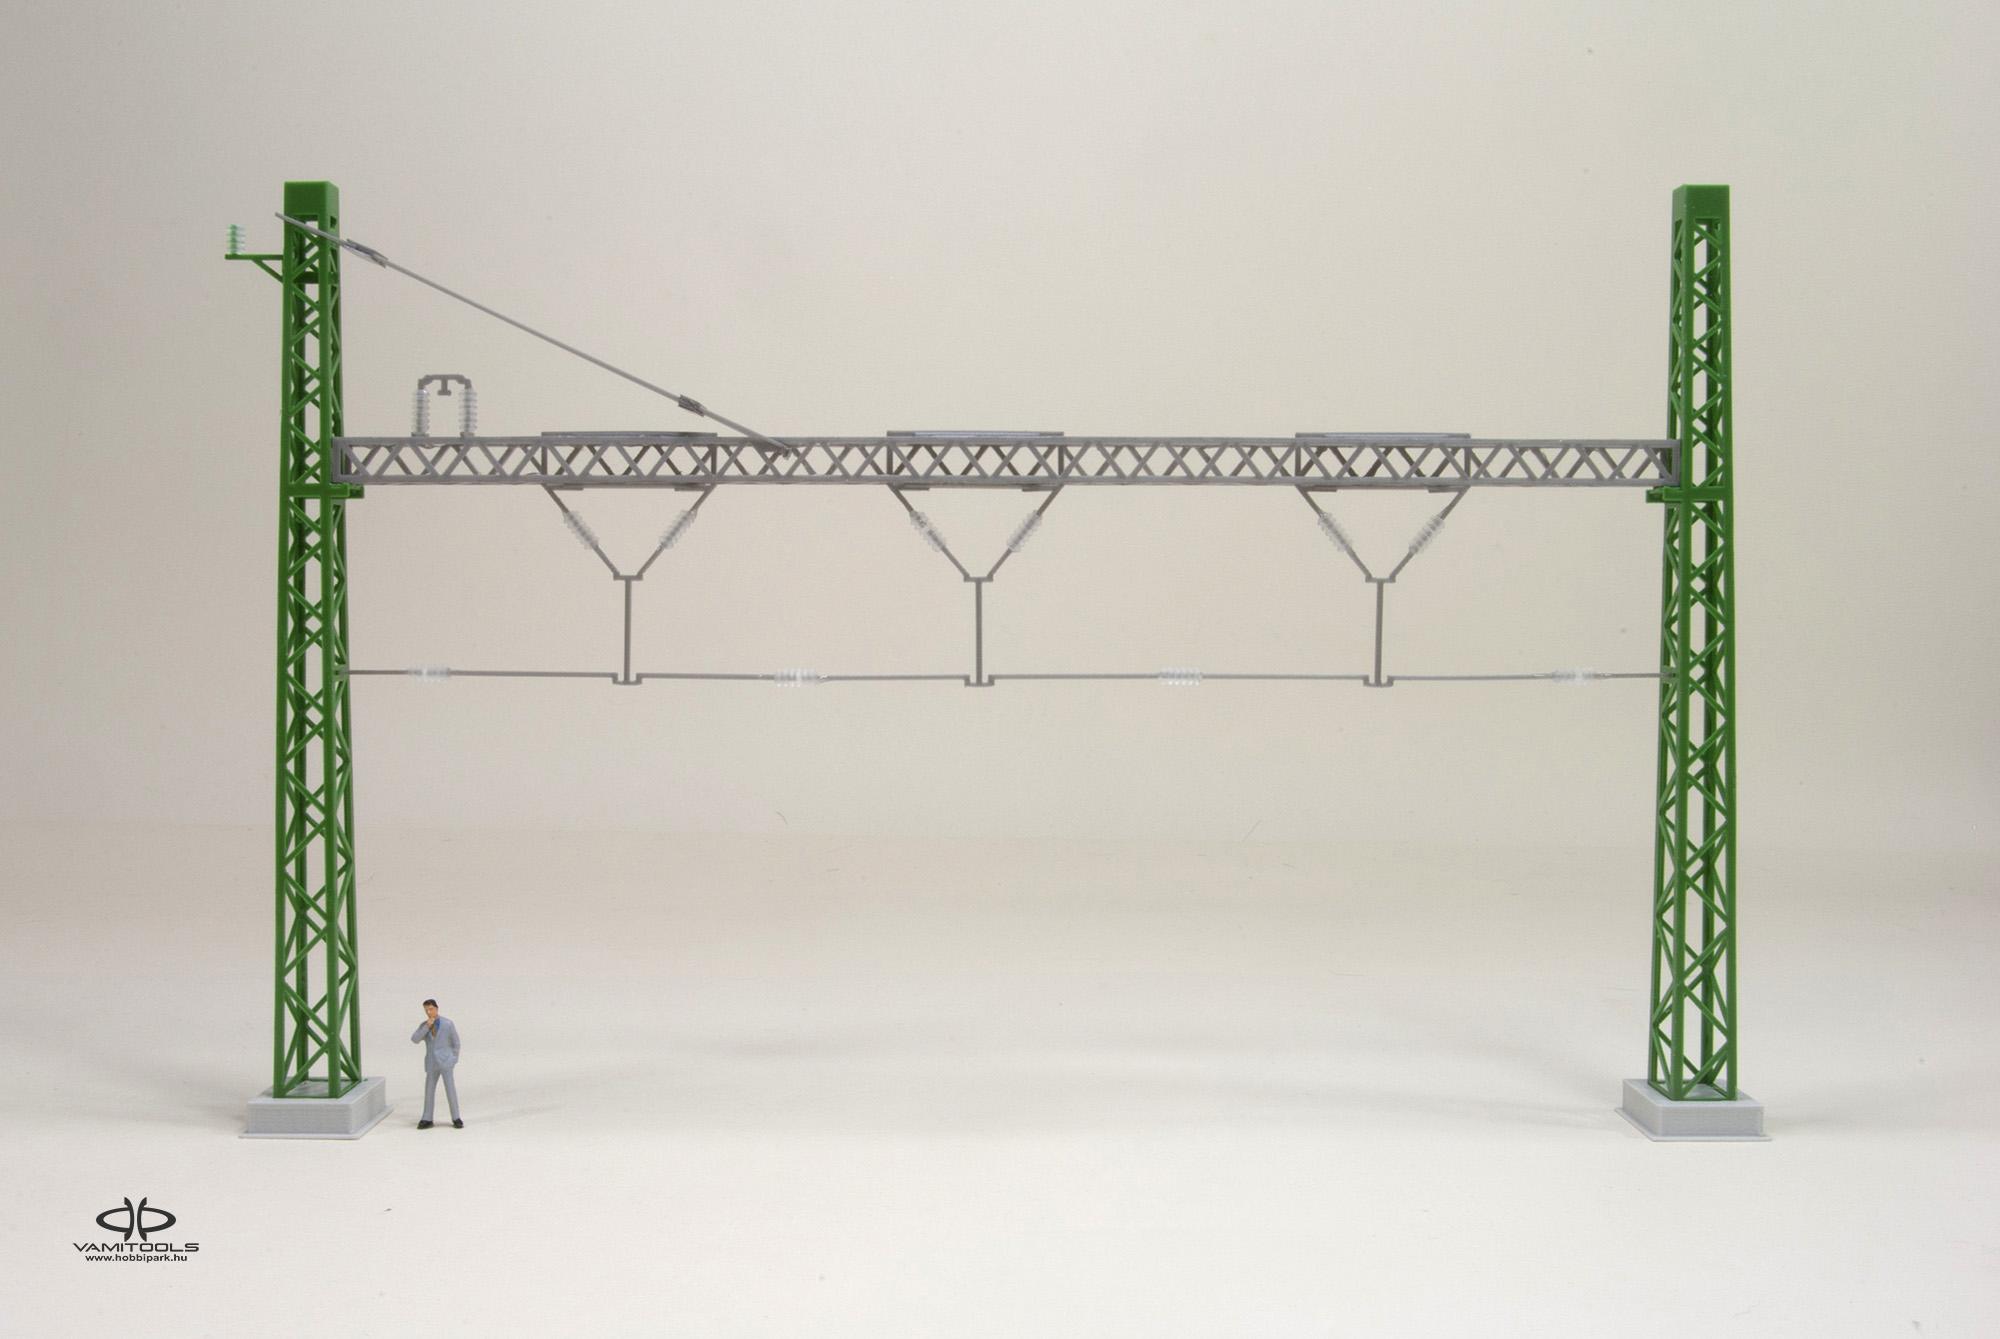 felsővezeték, felsővezetéktartó oszlop, oszlop, áthidaló oszlop, szigetelő kerámia, fázishatár, feszítőszerkezet, villamos felsővezeték, vasúti felsővezeték, vasúti felsővezetéktartó oszlop, vasúti oszlop, vasúti áthidaló oszlop, vasúti szigetelő kerámia, vasúti fázishatár, vasúti feszítőszerkezet, vasúti villamos felsővezeték, LR oszlop, L oszlop, LH oszlop, MKR oszlop, TC oszlop, FC oszlop, F oszlop, T oszlop, KCR oszlop, KR oszlop, LR felsővezetéktartó oszlop, L felsővezetéktartó oszlop, LH felsővezetéktartó oszlop, MKR felsővezetéktartó oszlop, TC felsővezetéktartó oszlop, FC felsővezetéktartó oszlop, F felsővezetéktartó oszlop, T felsővezetéktartó oszlop, KCR felsővezetéktartó oszlop, KR felsővezetéktartó oszlop, MÁV felsővezeték, MÁV felsővezetéktartó oszlop, MÁV oszlop, MÁV áthidaló oszlop, MÁV szigetelő kerámia, MÁV fázishatár, MÁV feszítőszerkezet, MÁV villamos felsővezeték, MÁV vasúti felsővezeték, MÁV vasúti felsővezetéktartó oszlop, MÁV vasúti oszlop, MÁV vasúti áthidaló oszlop, MÁV vasúti szigetelő kerámia, MÁV vasúti fázishatár, MÁV vasúti feszítőszerkezet, MÁV vasúti villamos felsővezeték, MÁV LR oszlop, MÁV L oszlop, MÁV LH oszlop, MÁV MKR oszlop, MÁV TC oszlop, MÁV FC oszlop, MÁV F oszlop, MÁV T oszlop, MÁV KCR oszlop, MÁV KR oszlop, MÁV LR felsővezetéktartó oszlop, MÁV L felsővezetéktartó oszlop, MÁV LH felsővezetéktartó oszlop, MÁV MKR felsővezetéktartó oszlop, MÁV TC felsővezetéktartó oszlop, MÁV FC felsővezetéktartó oszlop, MÁV F felsővezetéktartó oszlop, MÁV T felsővezetéktartó oszlop, MÁV KCR felsővezetéktartó oszlop, MÁV KR felsővezetéktartó oszlop, H0 felsővezeték, H0 felsővezetéktartó oszlop, H0 oszlop, H0 áthidaló oszlop, H0 szigetelő kerámia, H0 fázishatár, H0 feszítőszerkezet, H0 villamos felsővezeték, H0 vasúti felsővezeték, H0 vasúti felsővezetéktartó oszlop, H0 vasúti oszlop, H0 vasúti áthidaló oszlop, H0 vasúti szigetelő kerámia, H0 vasúti fázishatár, H0 vasúti feszítőszerkezet, H0 vasúti villamos felsővezeték, H0 LR oszlop, H0 L osz